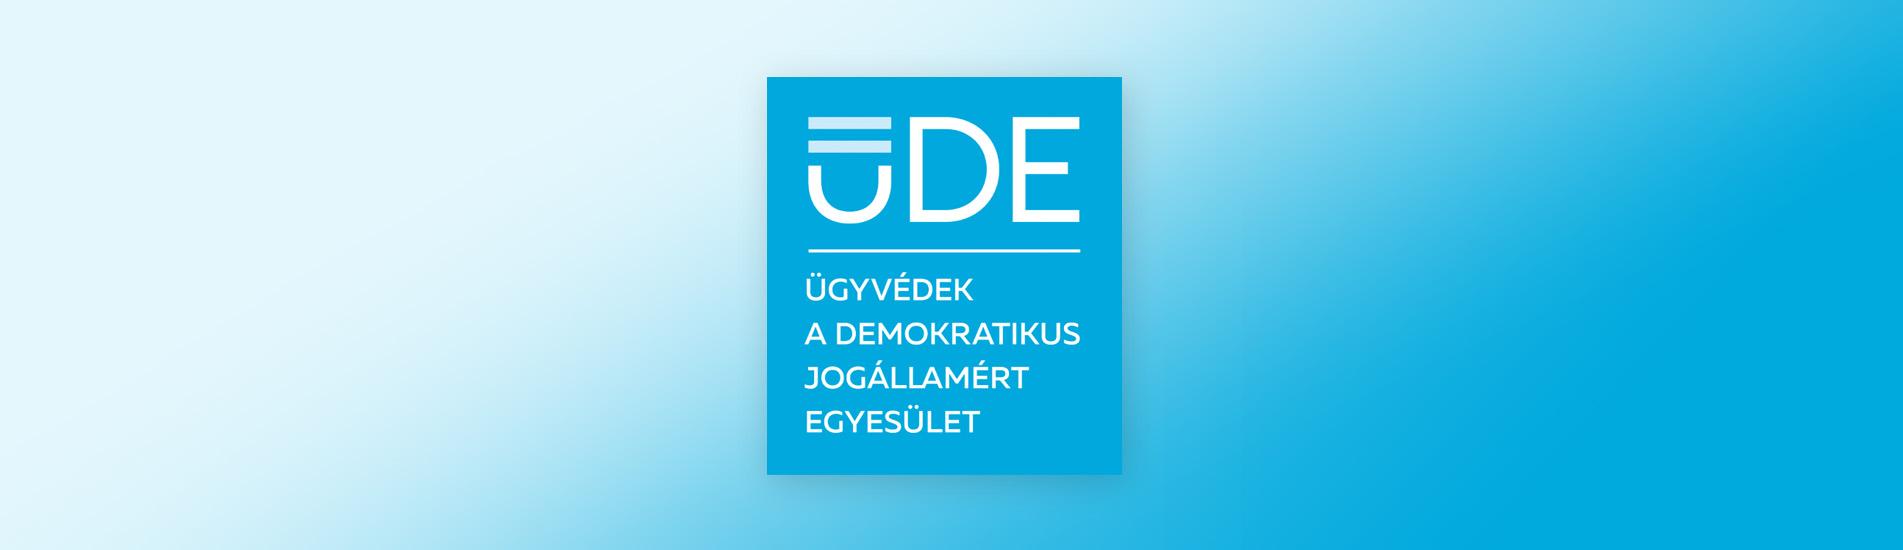 UDE-imagehonlapra